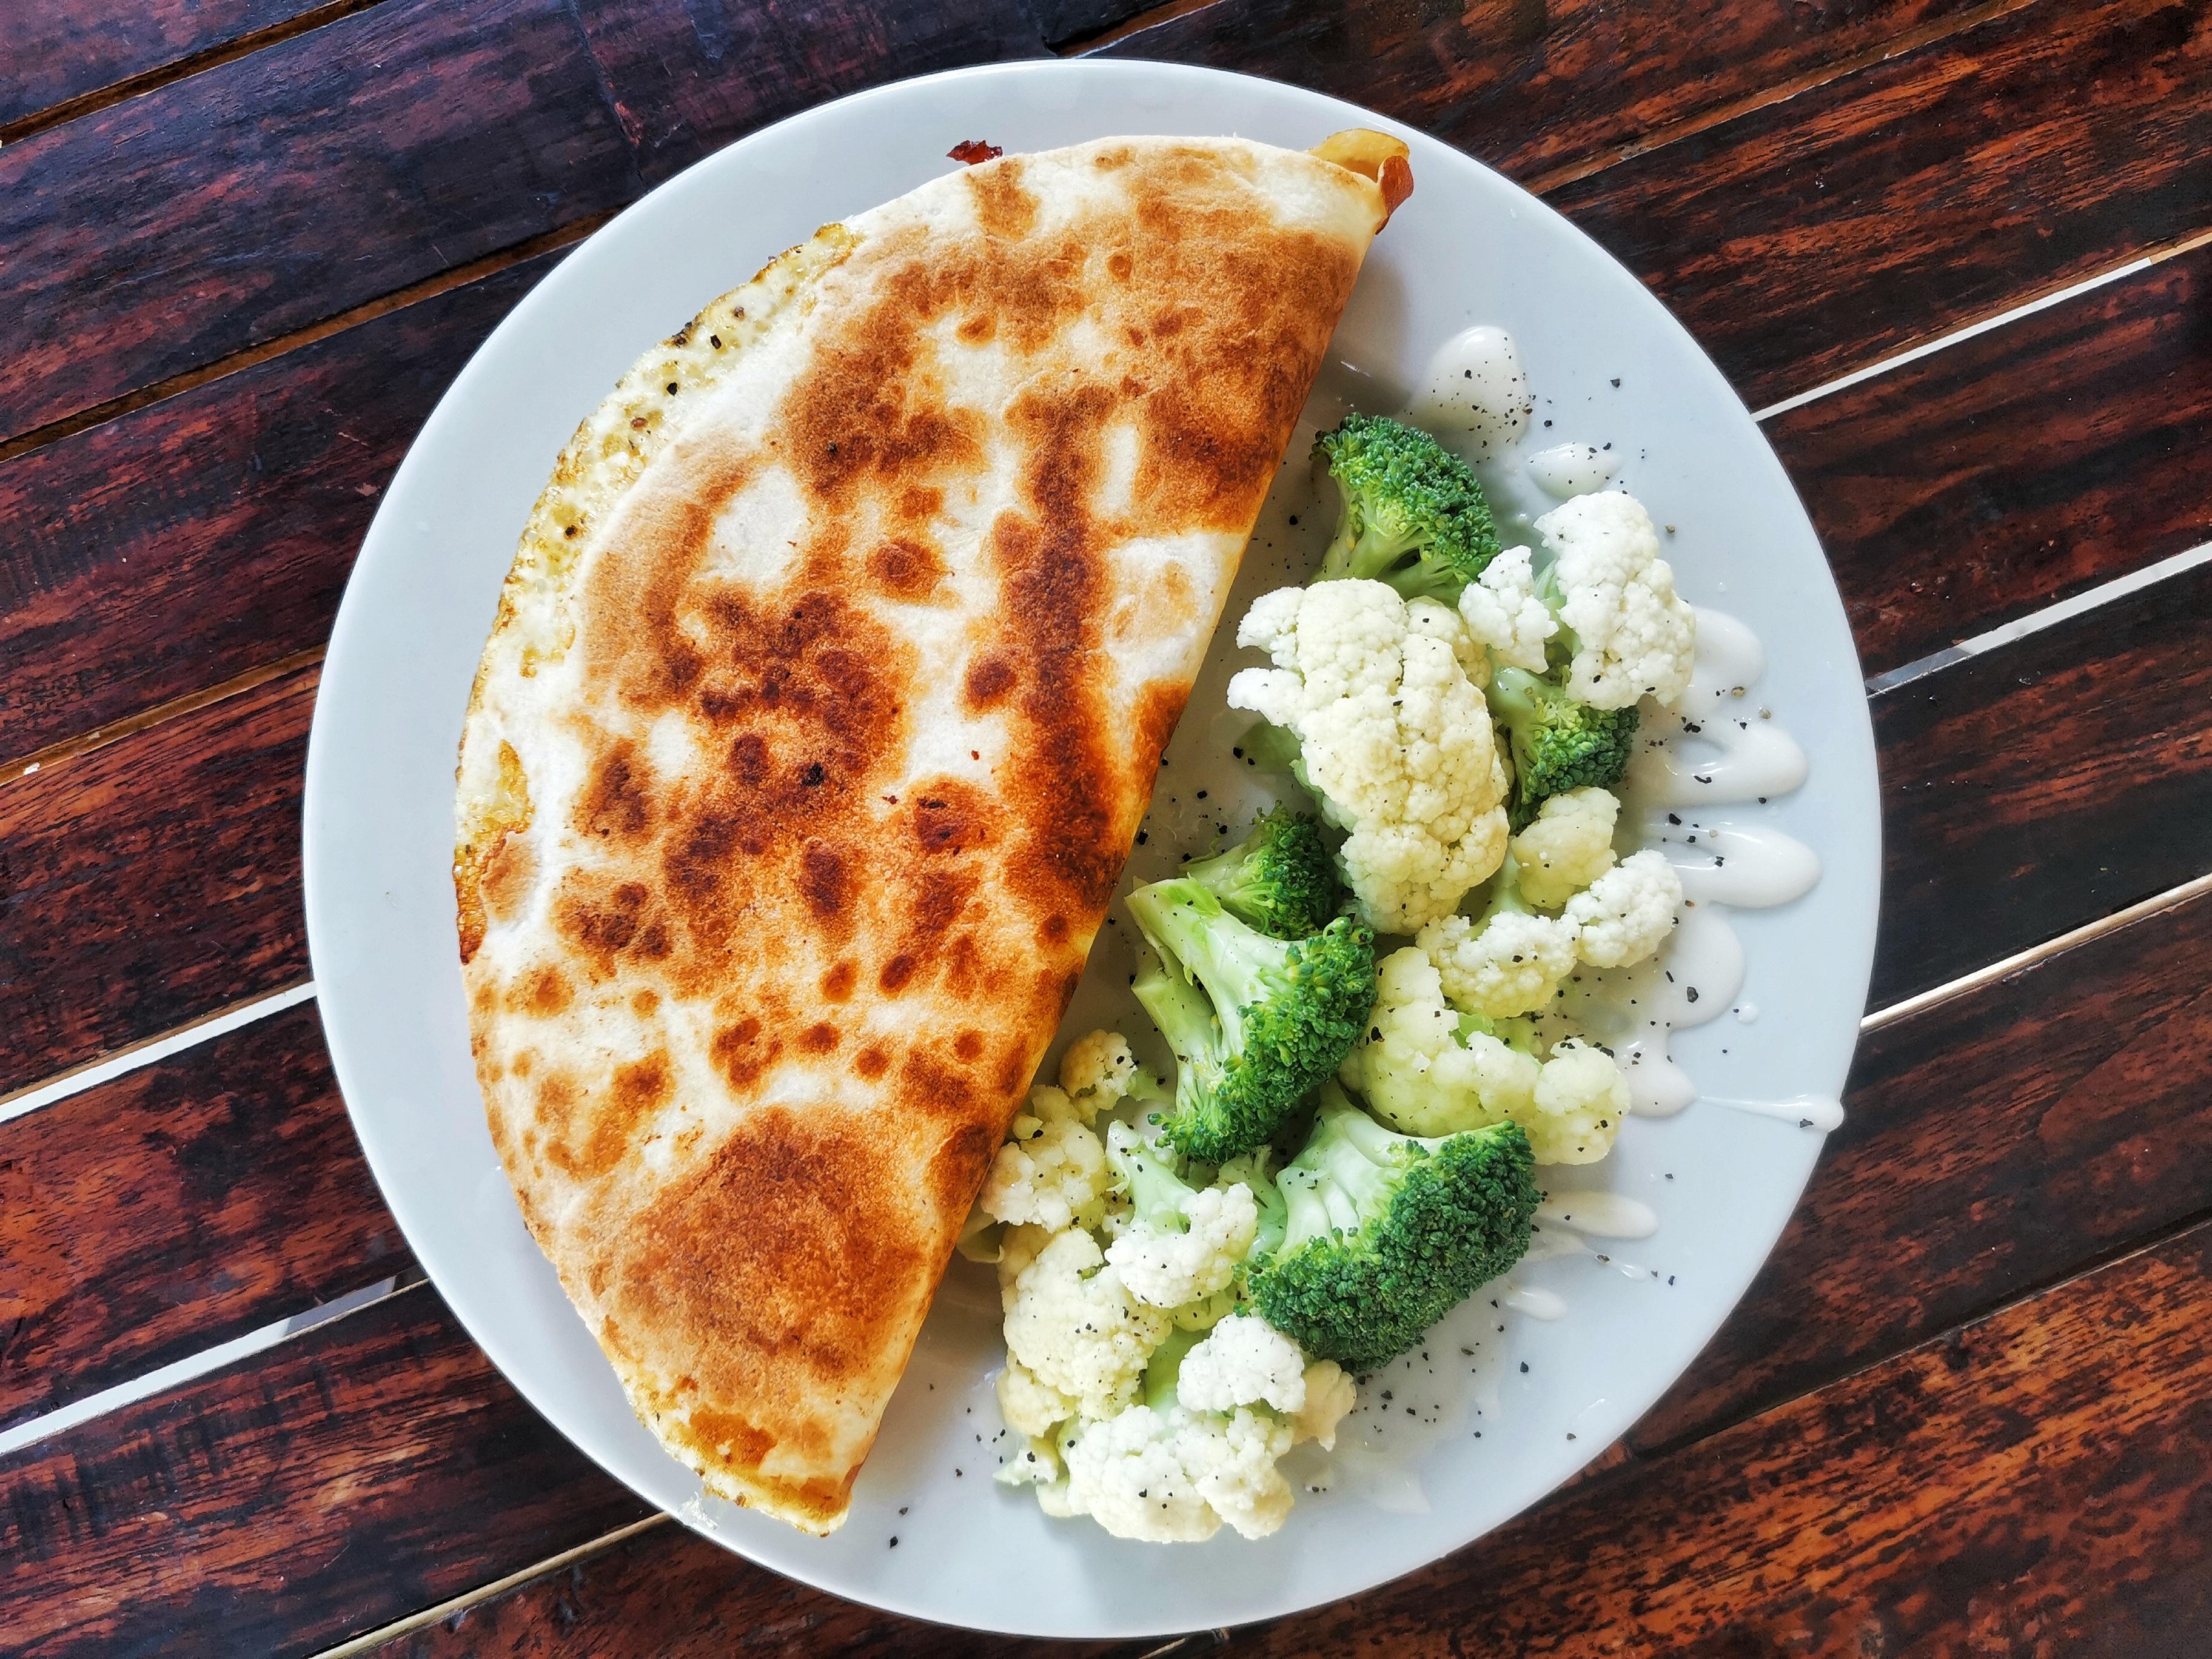 Тортильяс на завтрак с беконом